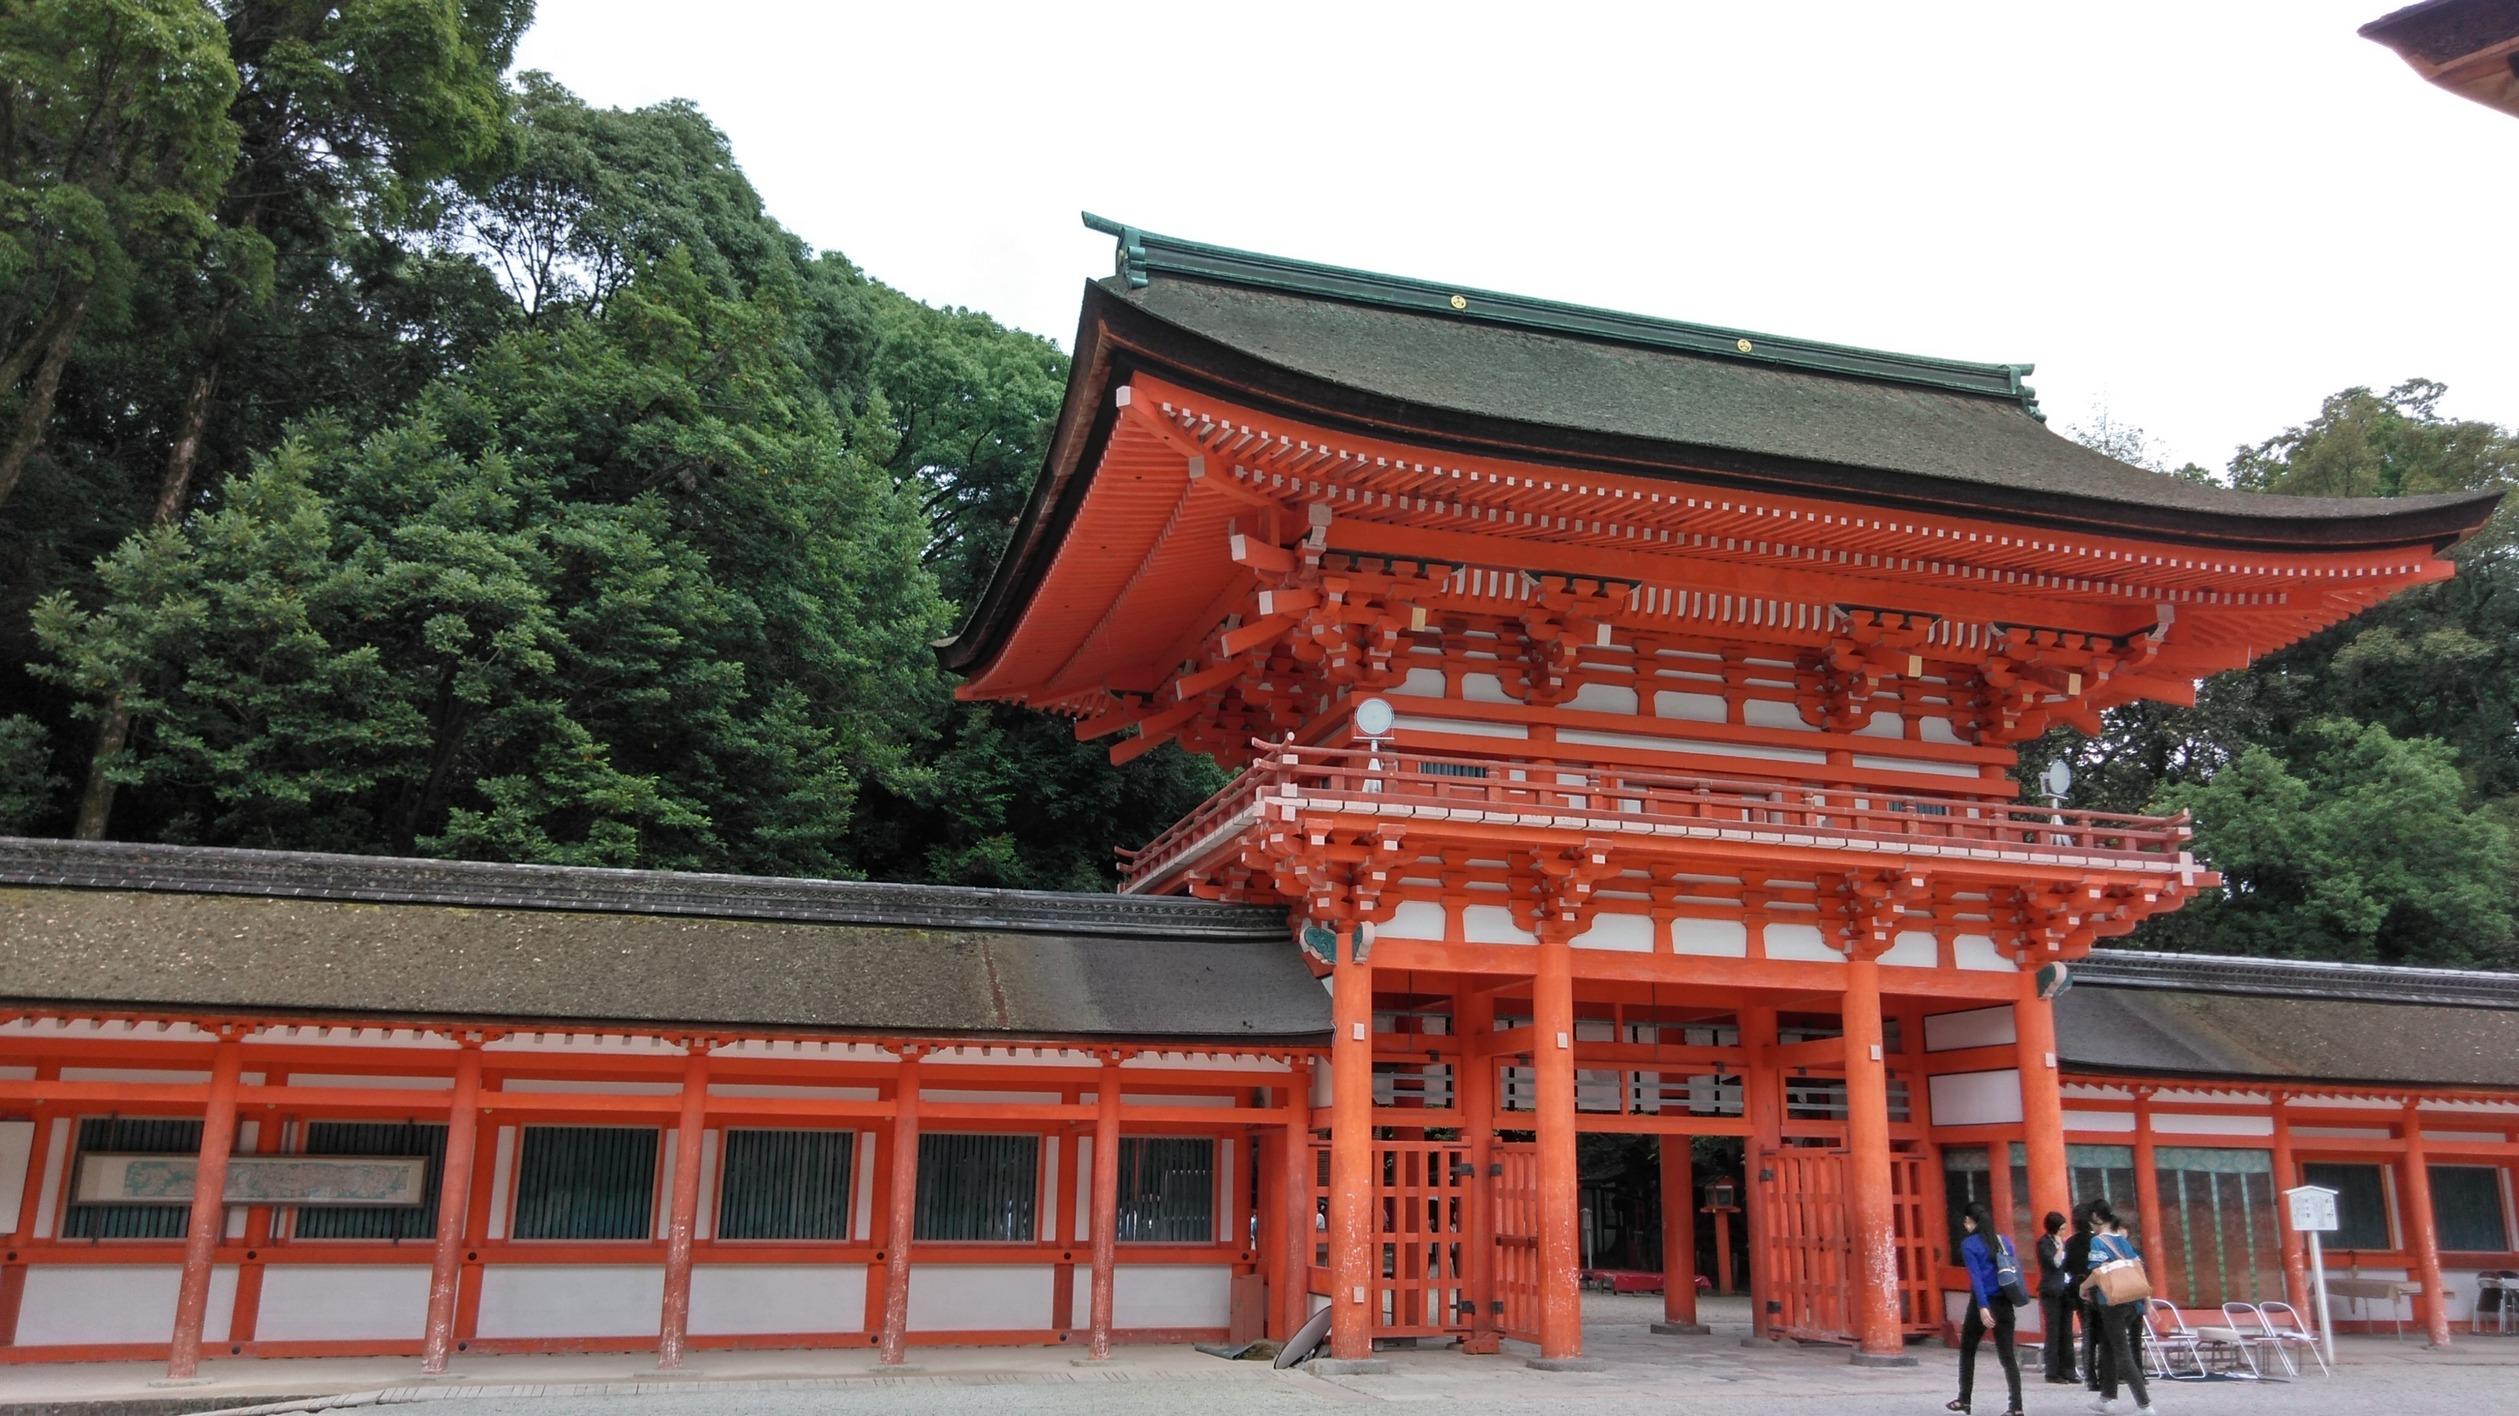 雨の京都 下鴨神社